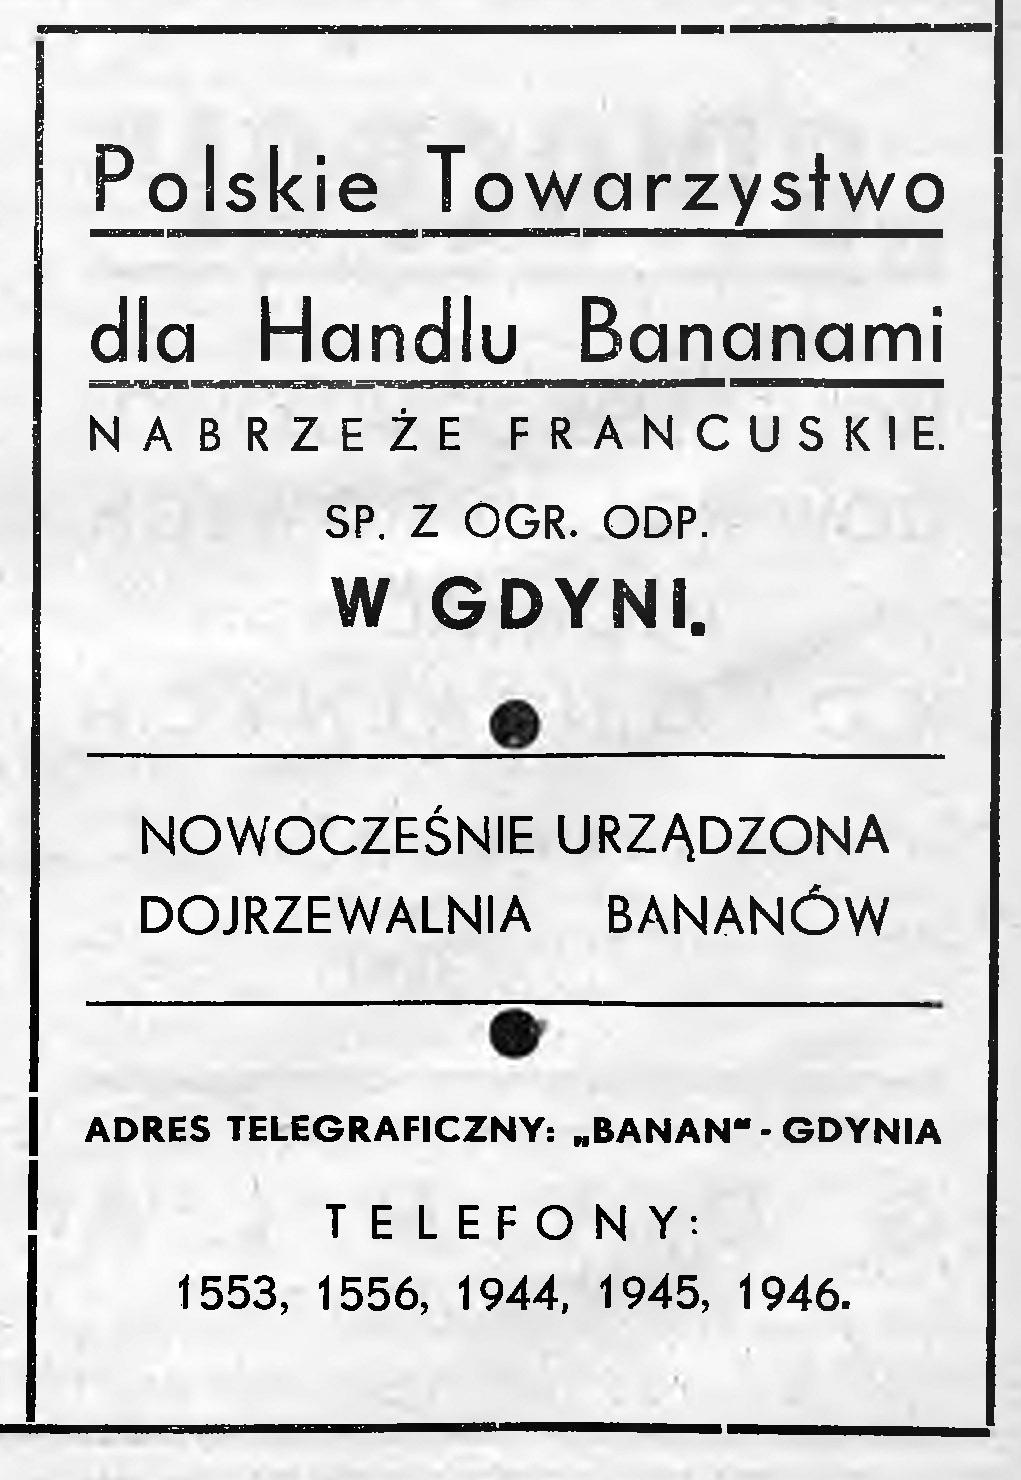 Polskie Towarzystwo dla Handlu Bananami